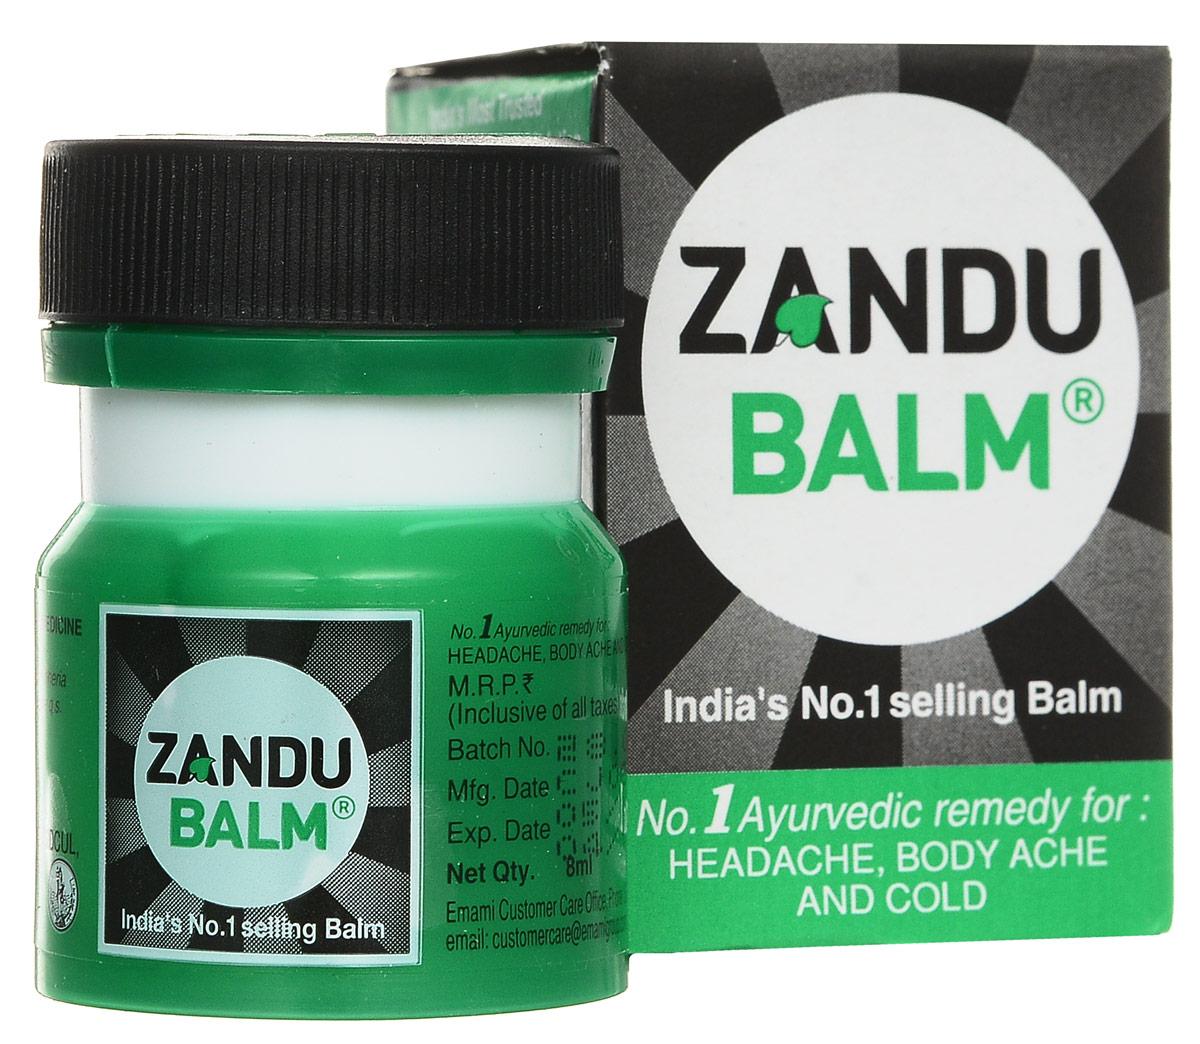 Zandu бальзам, 8 мл701105Почти мгновенно снимает головную боль, а также боли при растяжении, ушибе, ревматизме.